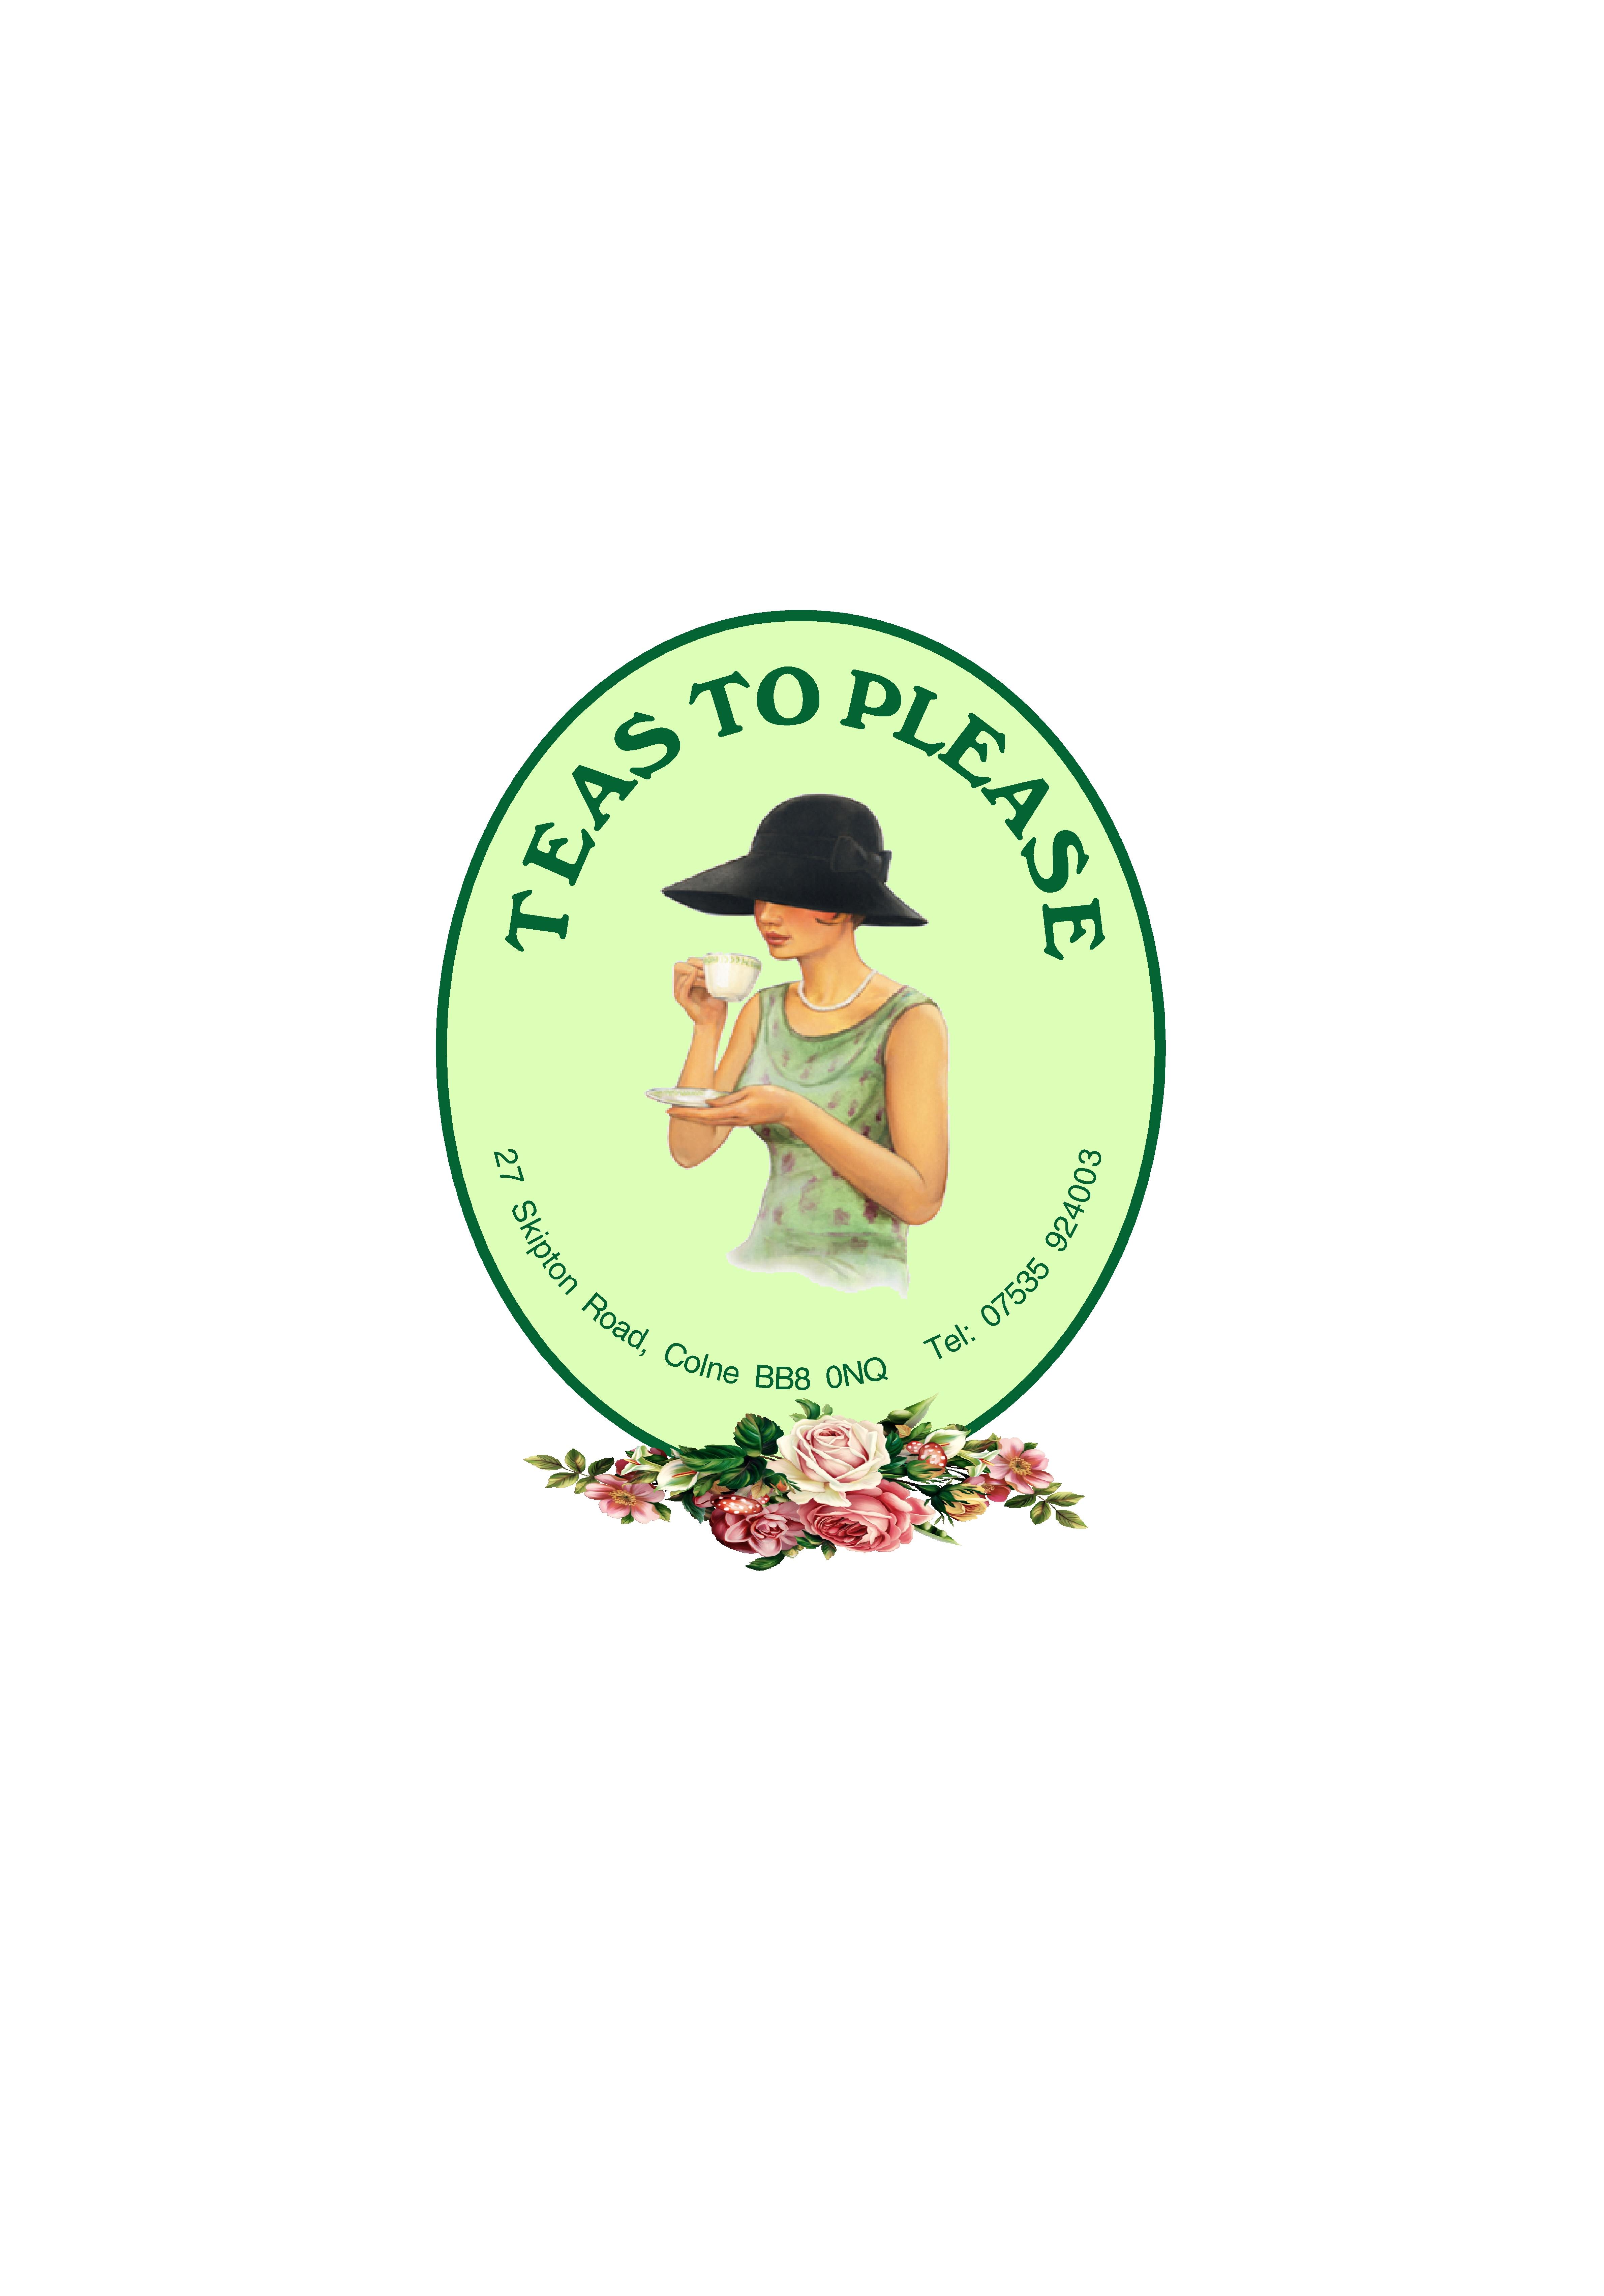 Teas to please